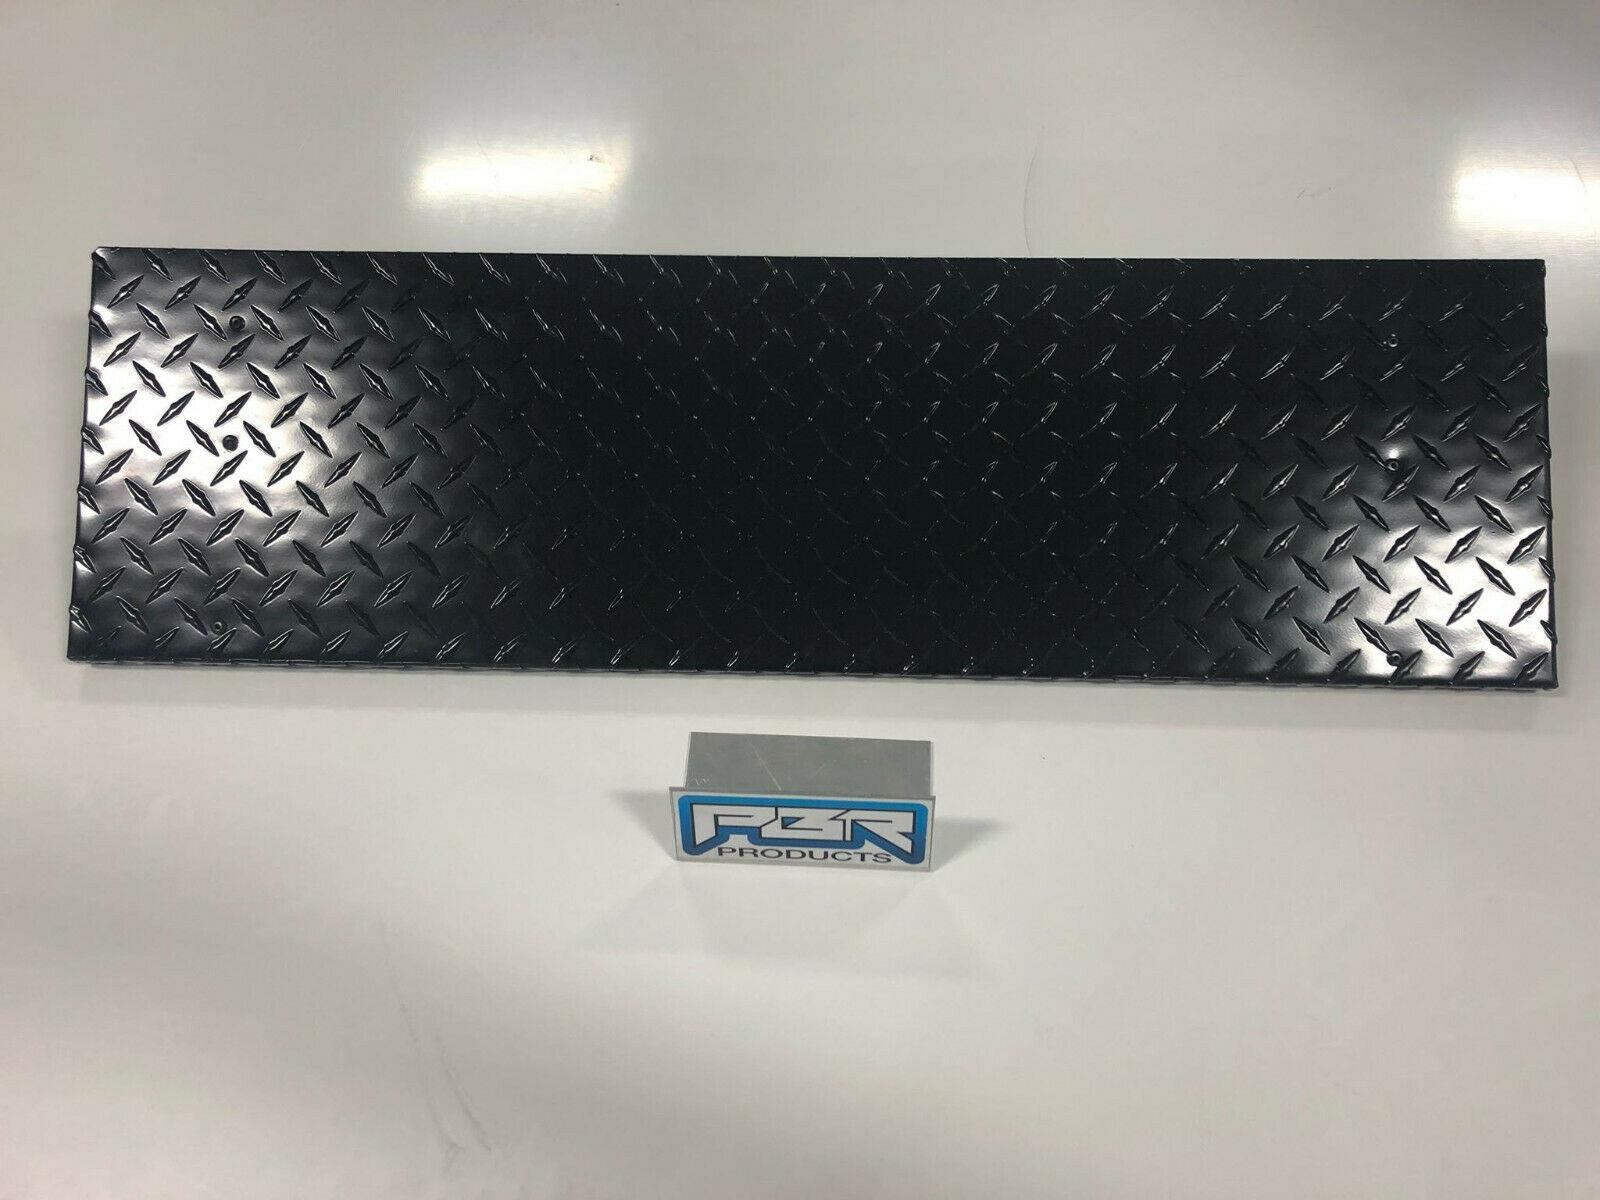 820D-front-shelf.jpg